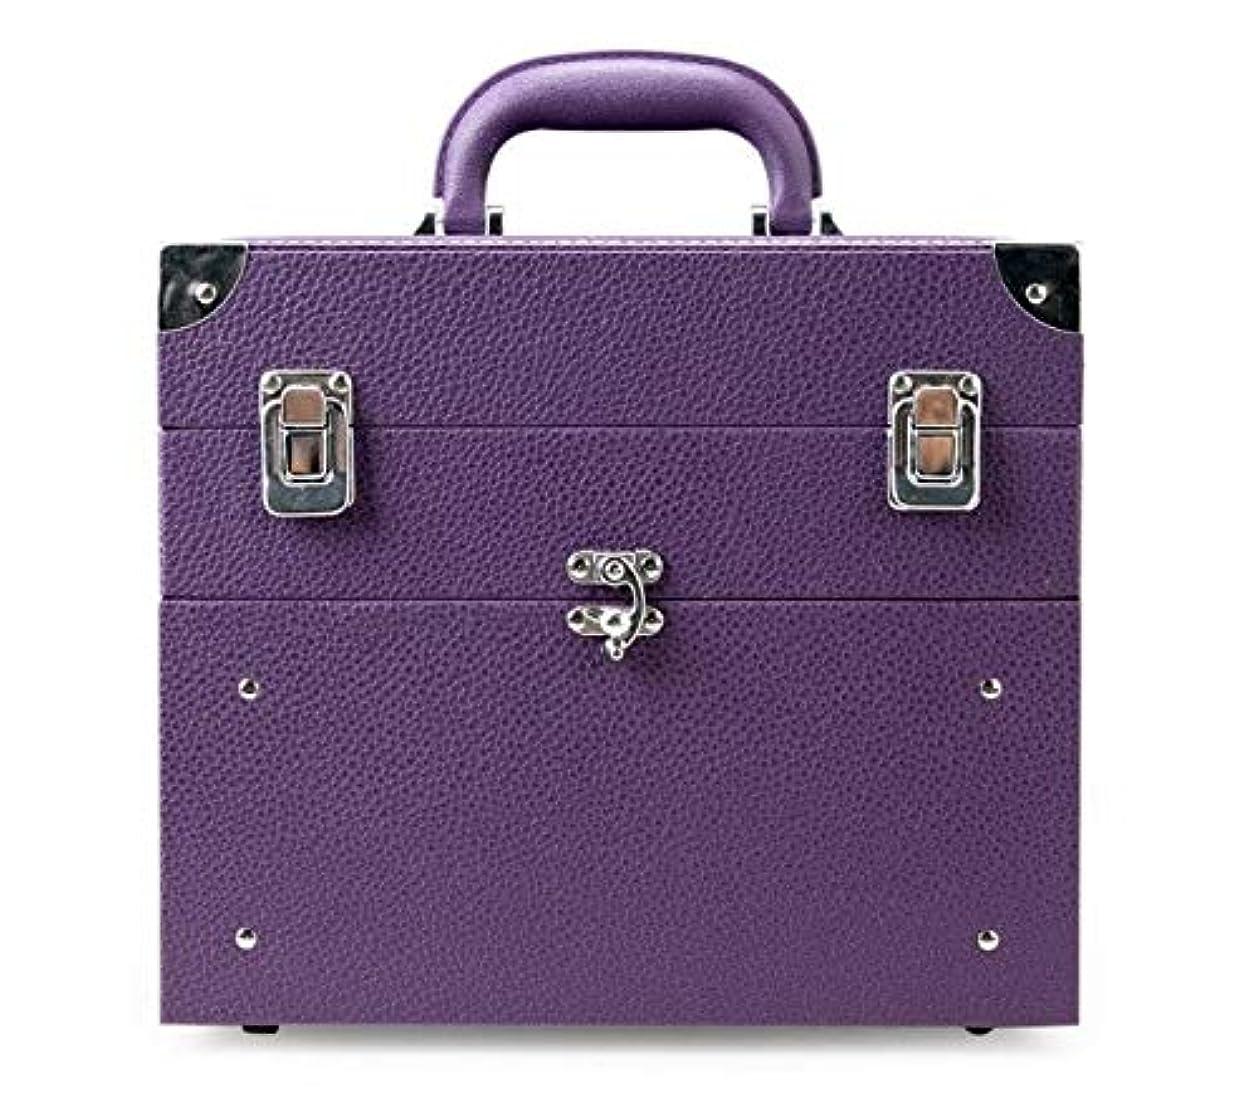 叫び声パイプライン有効化化粧箱、大容量の二重層の携帯用化粧品の箱、携帯用旅行化粧品袋の収納袋、美の構造の釘の宝石類の収納箱 (Color : Purple)